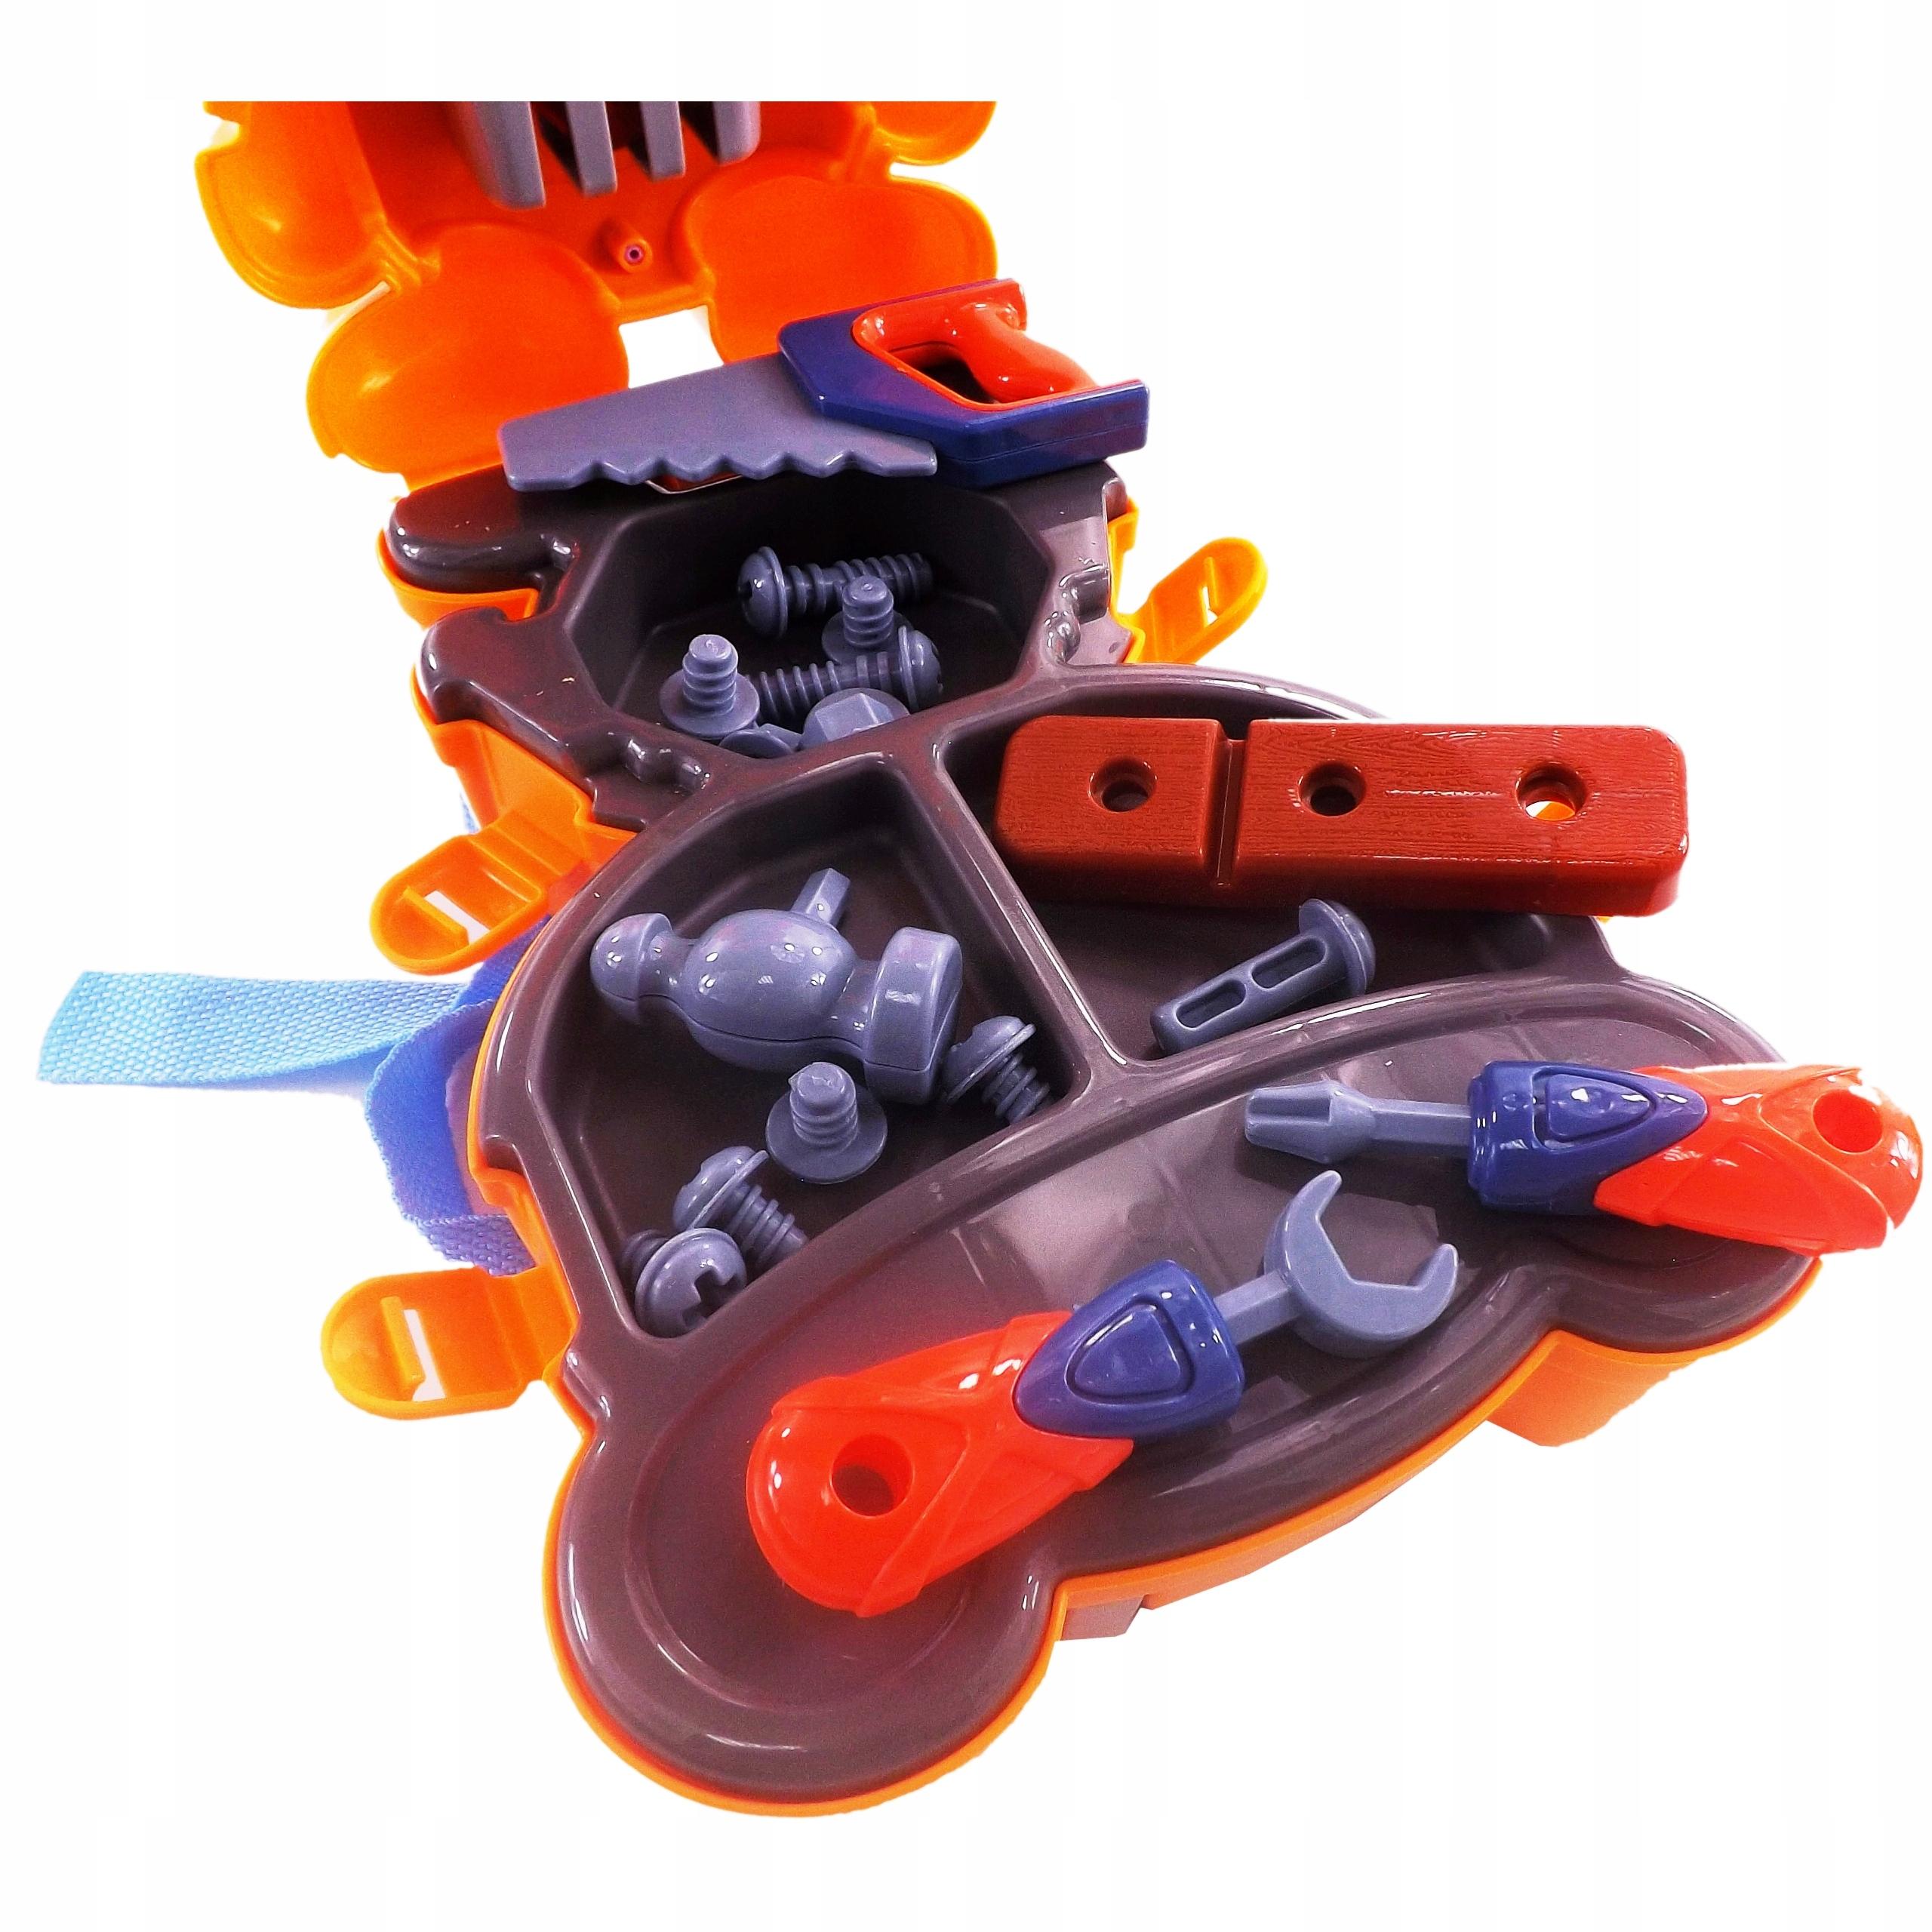 Warsztat zestaw plecak tygrysek narzędzia 23 el 40 Szerokość produktu 19 cm